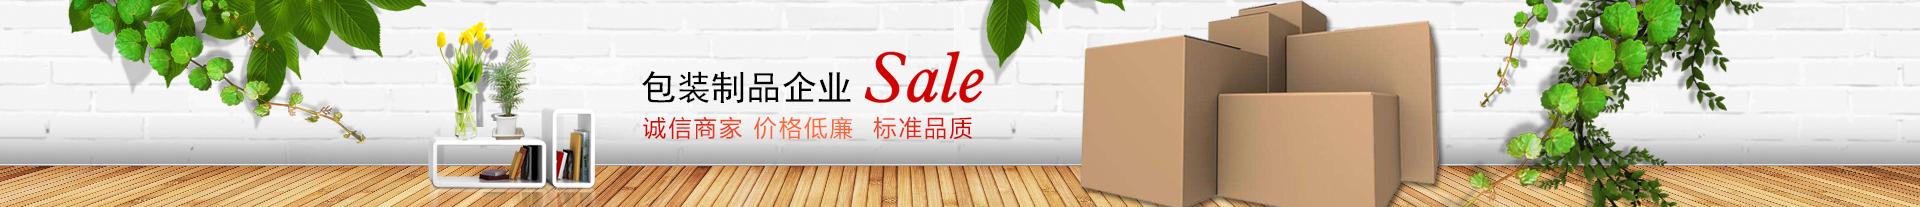 華晨紙業是一家誠信商家,提供價格低廉及標準品質的彩盒紙箱